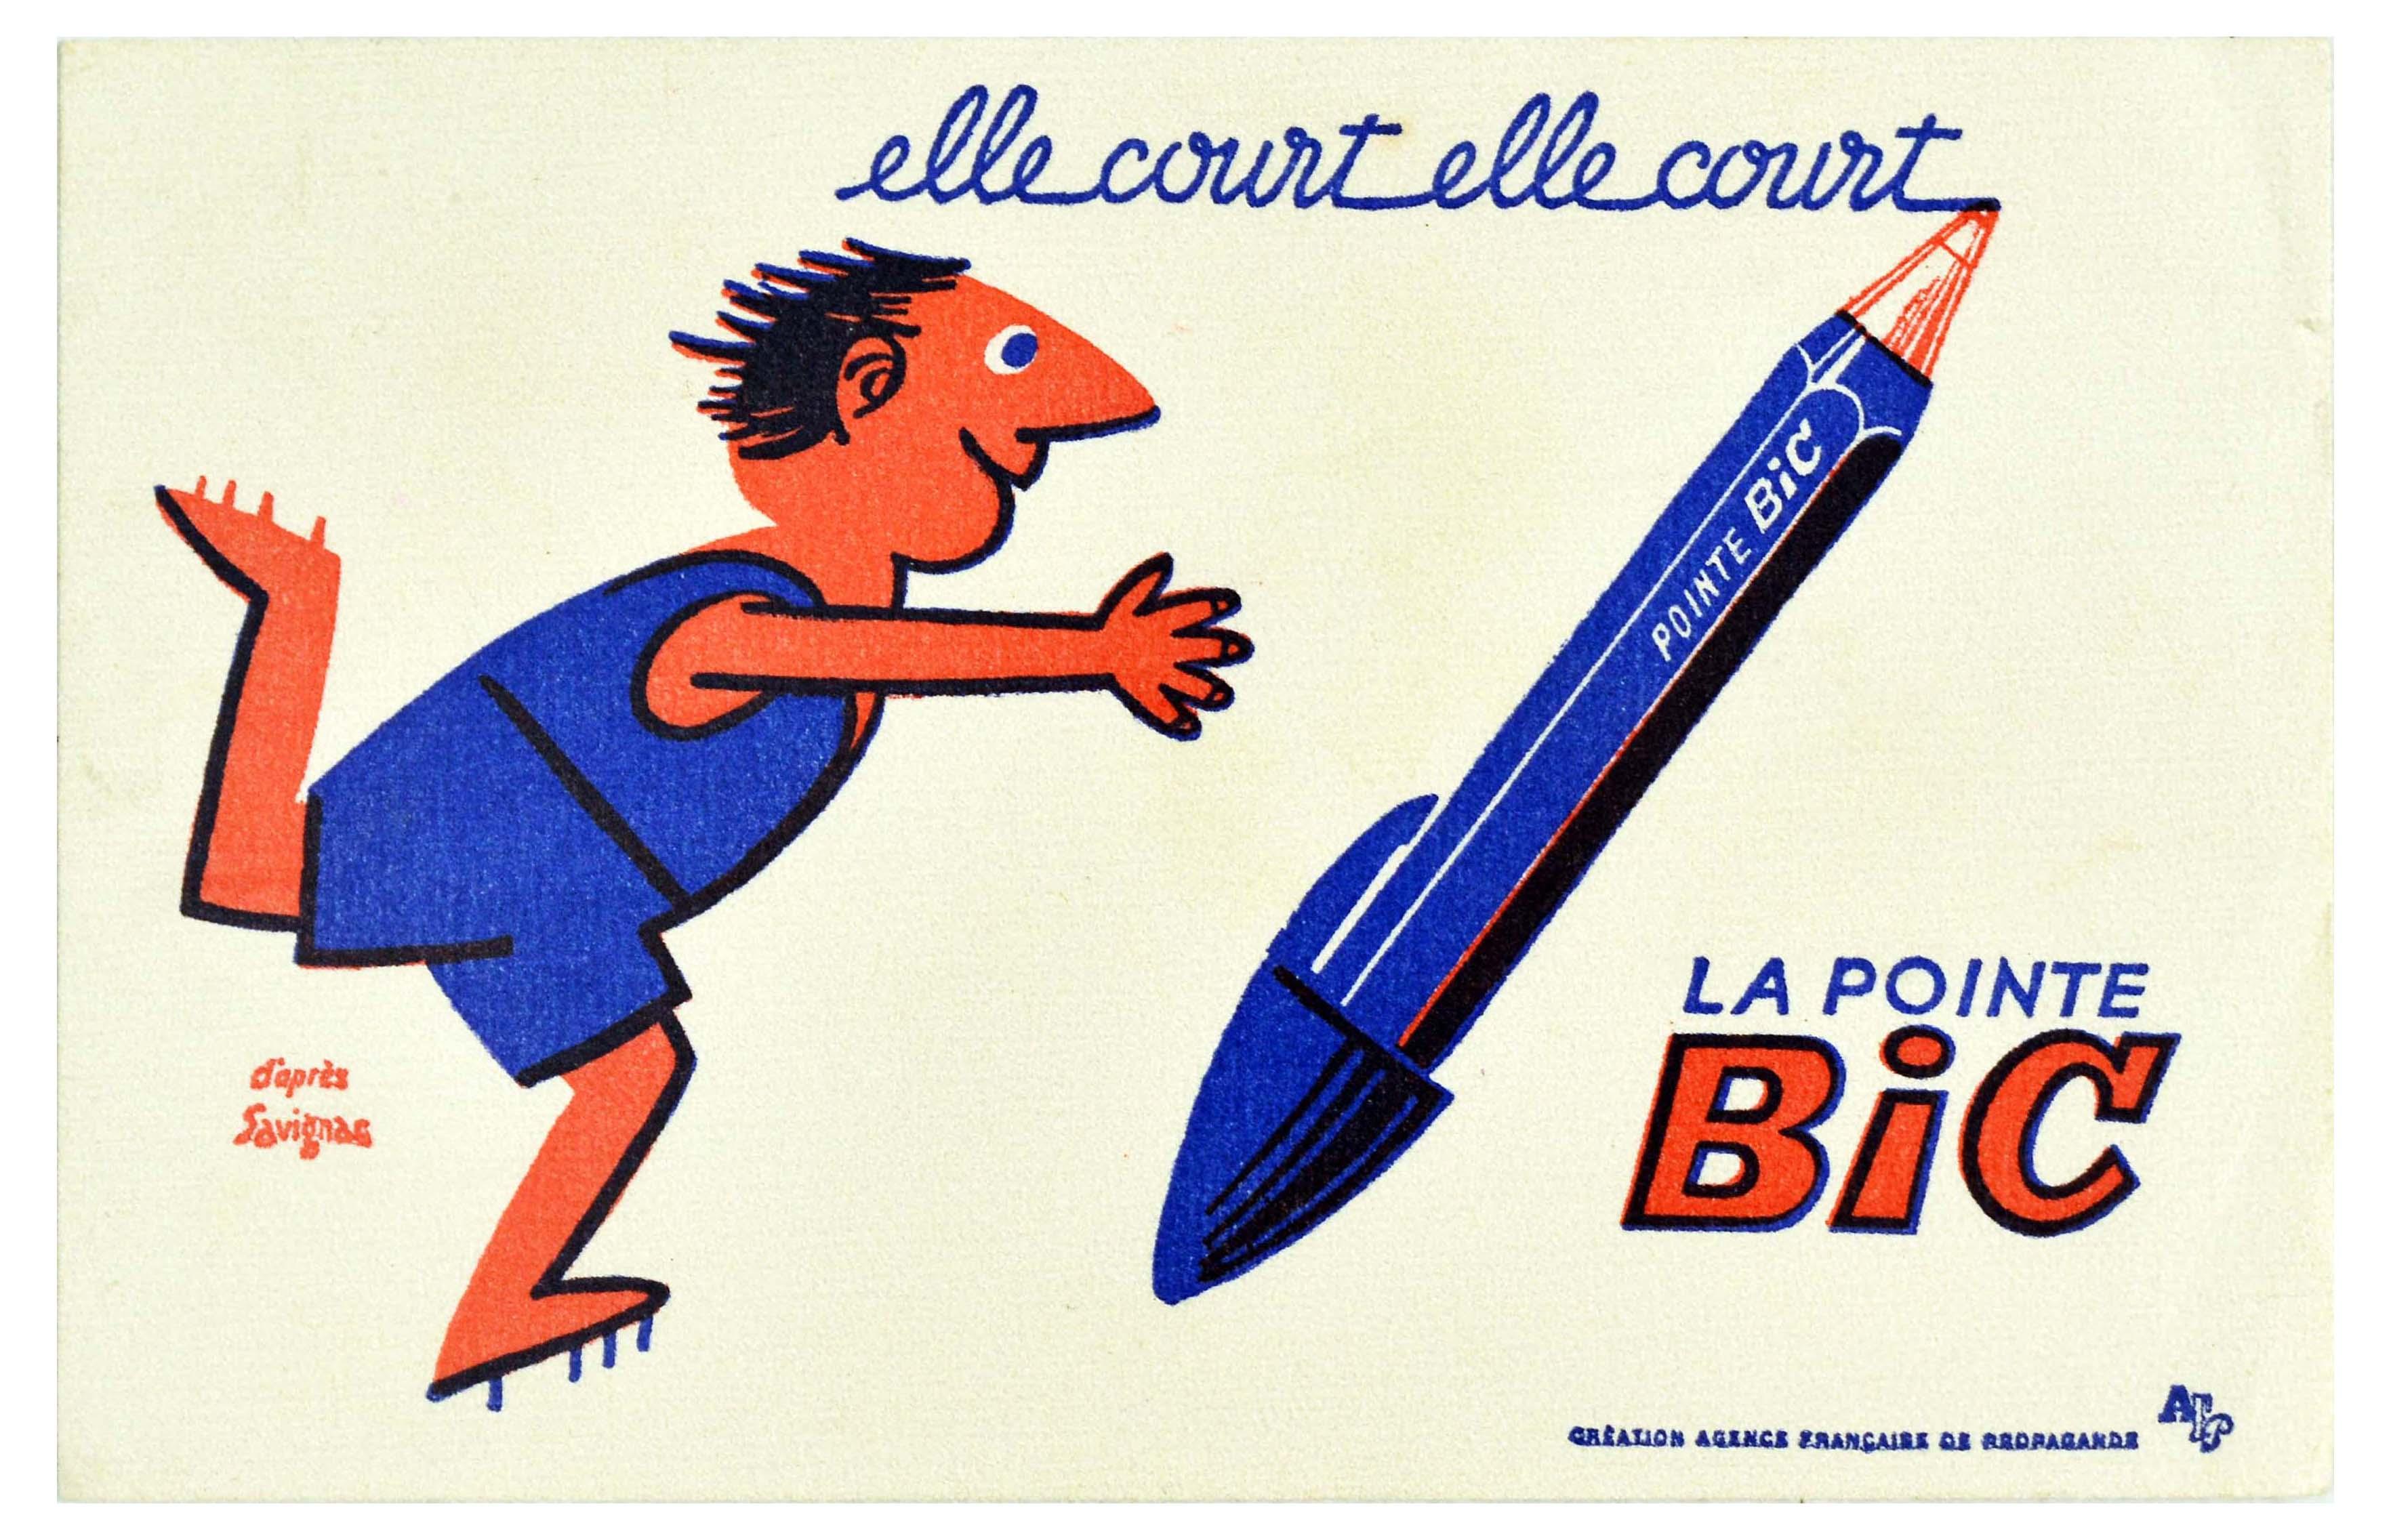 Advertising Poster BIC Pen Runner Savignac